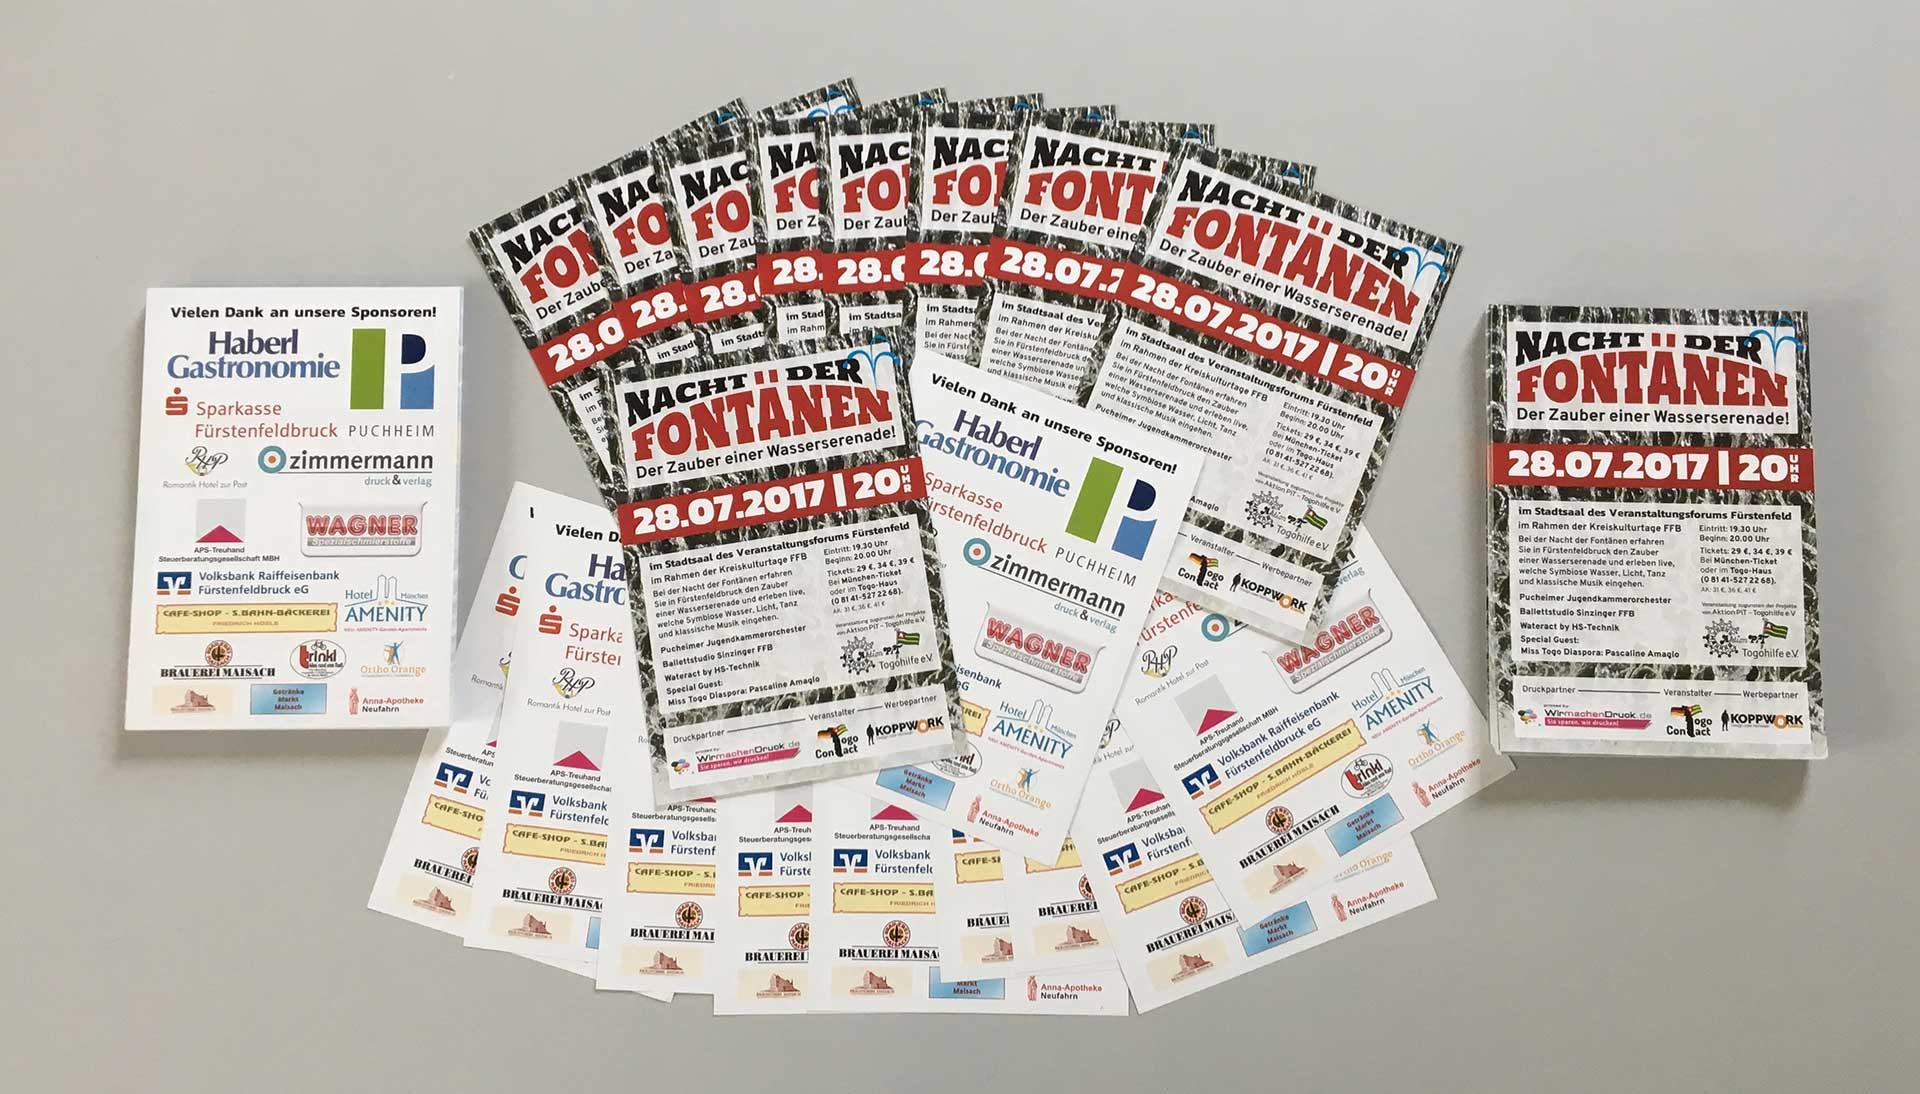 Die DIN-A6-Flyer für die Nacht der Fontänen